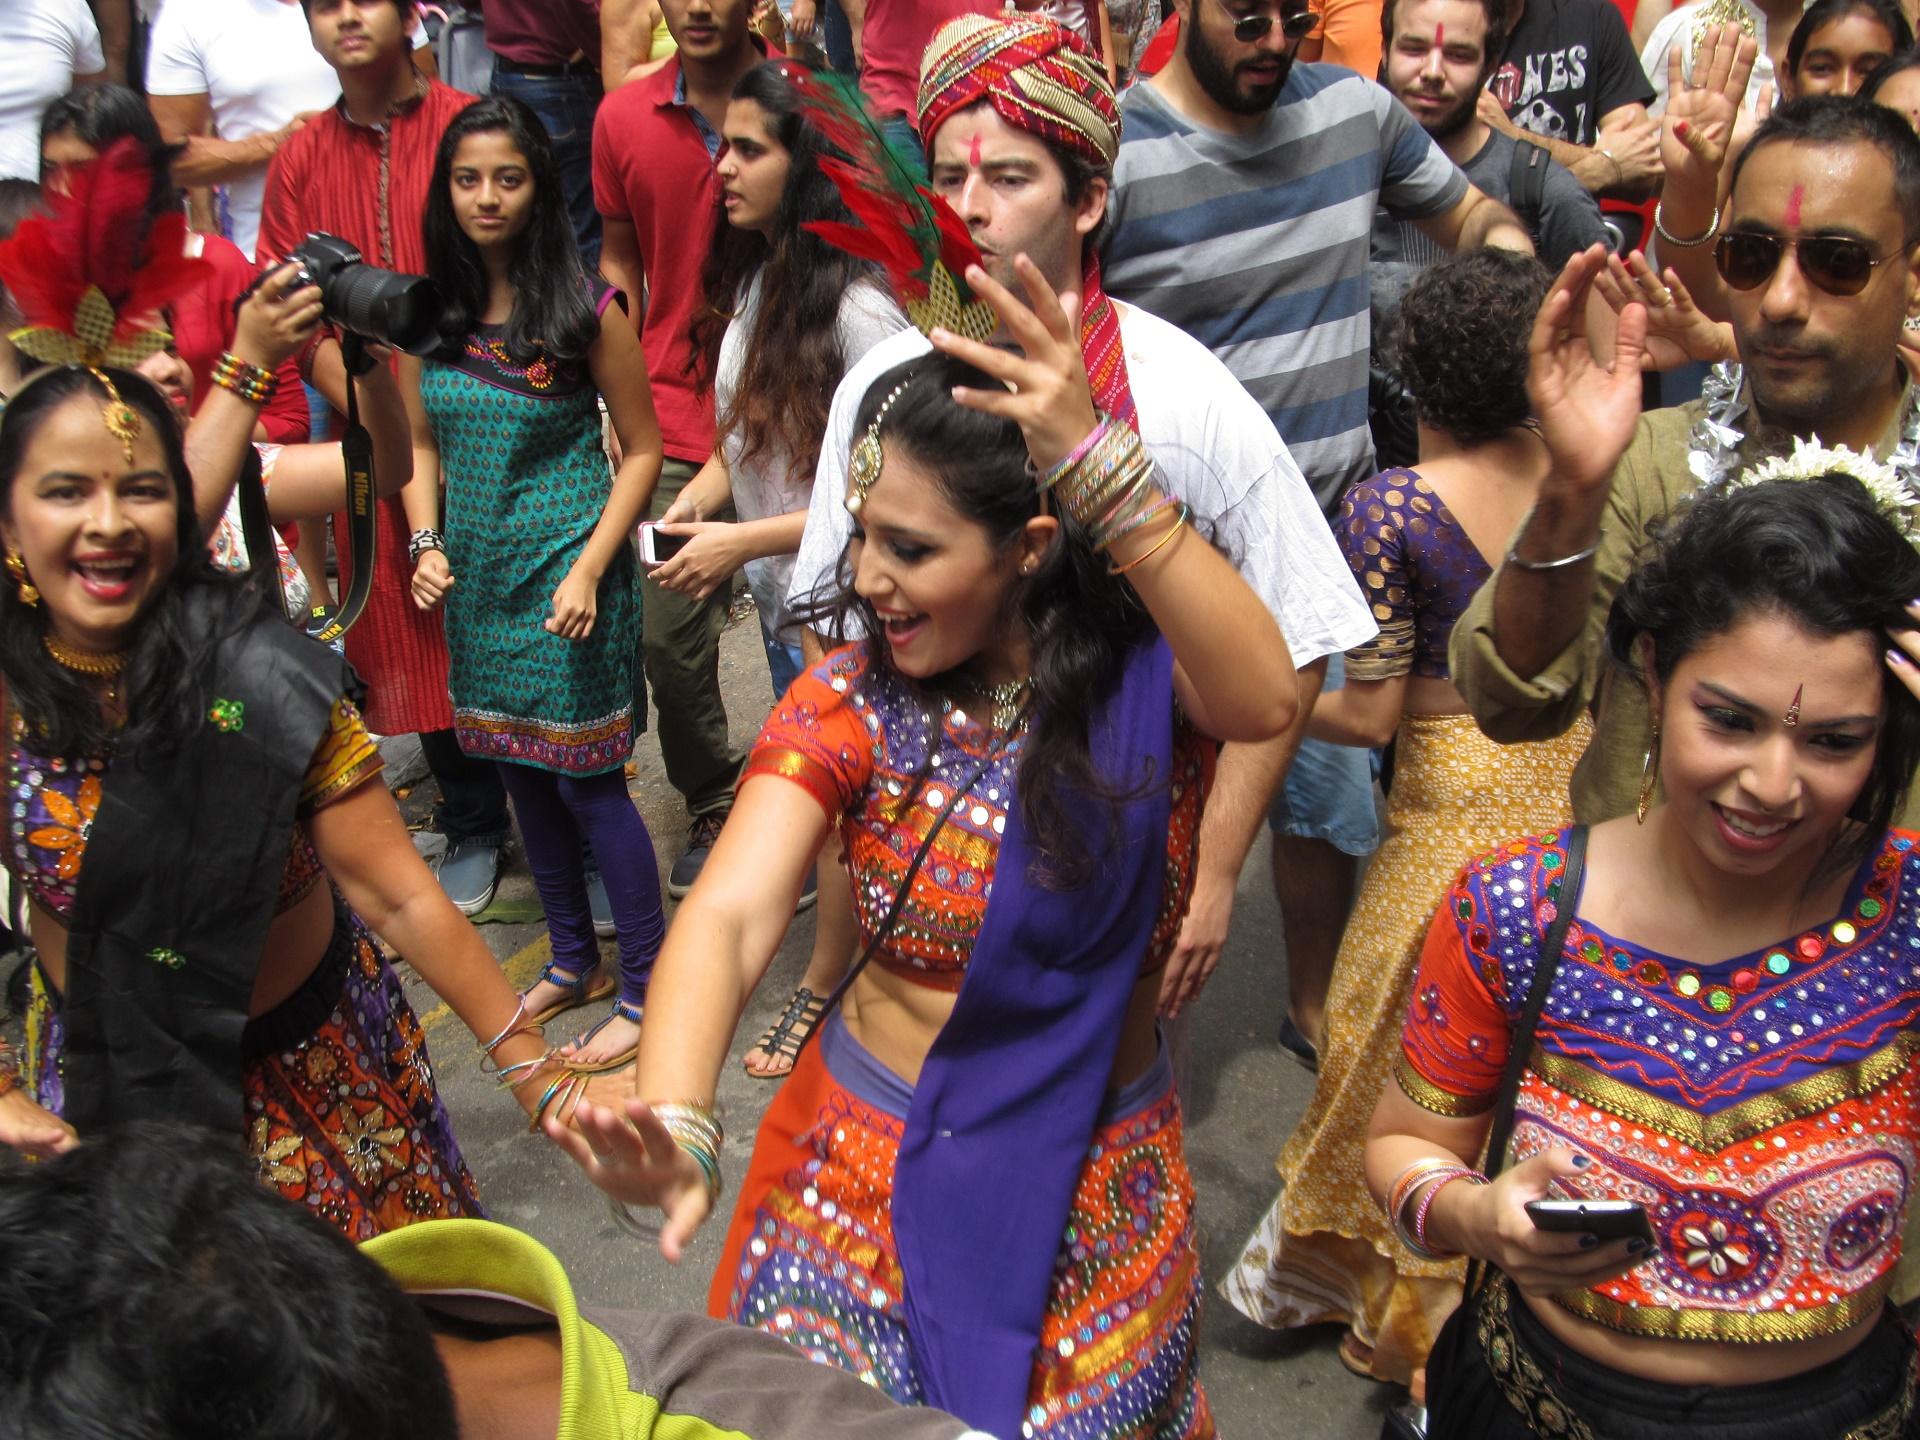 O democrático carnaval paulista teve até bloco com músicas indianas, o Bollywood